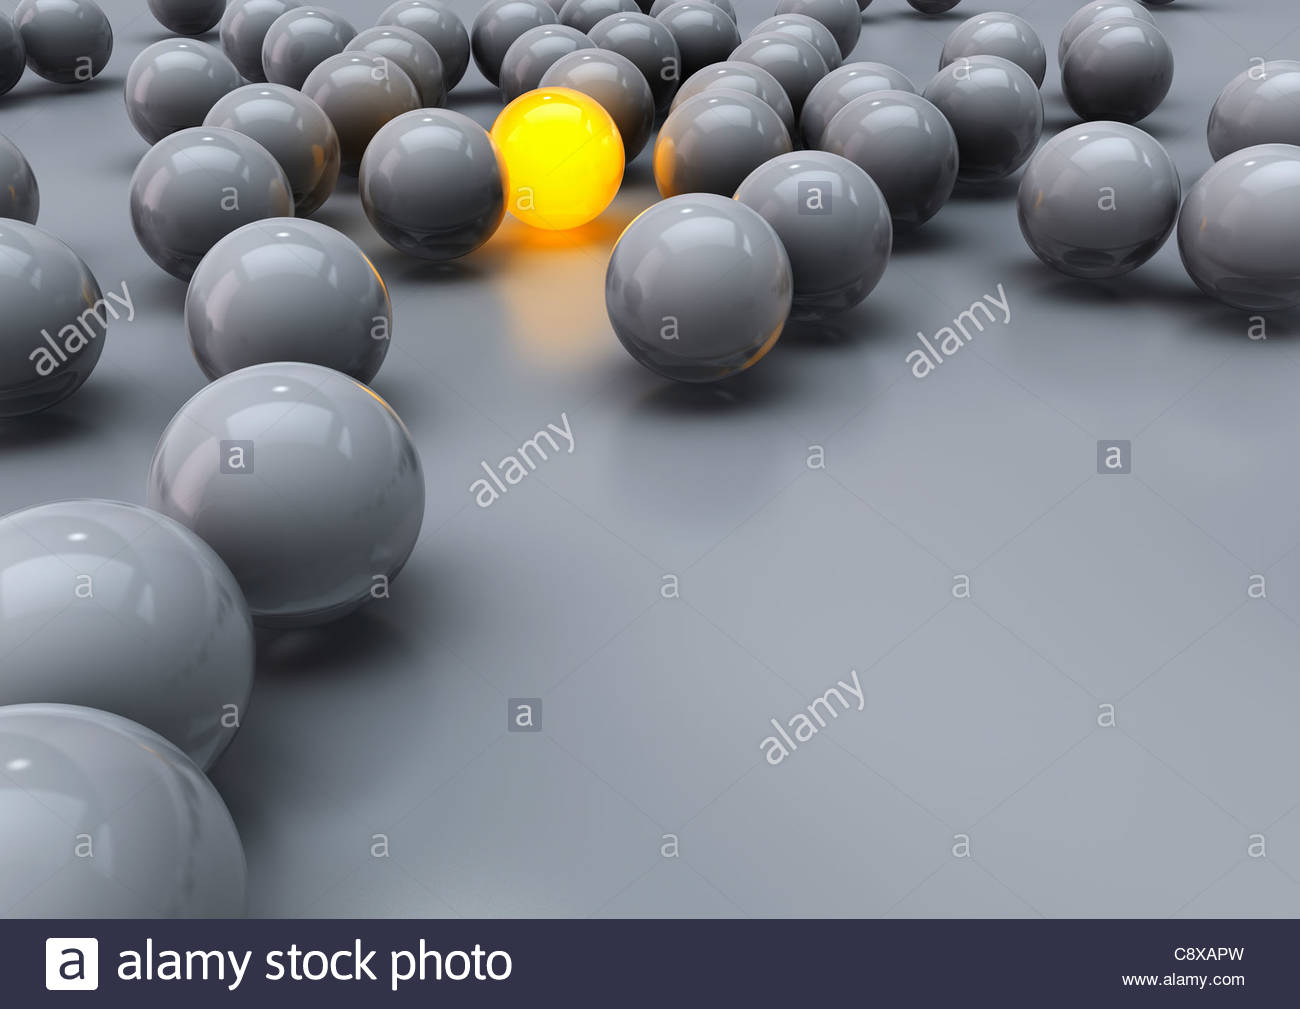 Balle jaune lumineux entre les boules gris Photo Stock